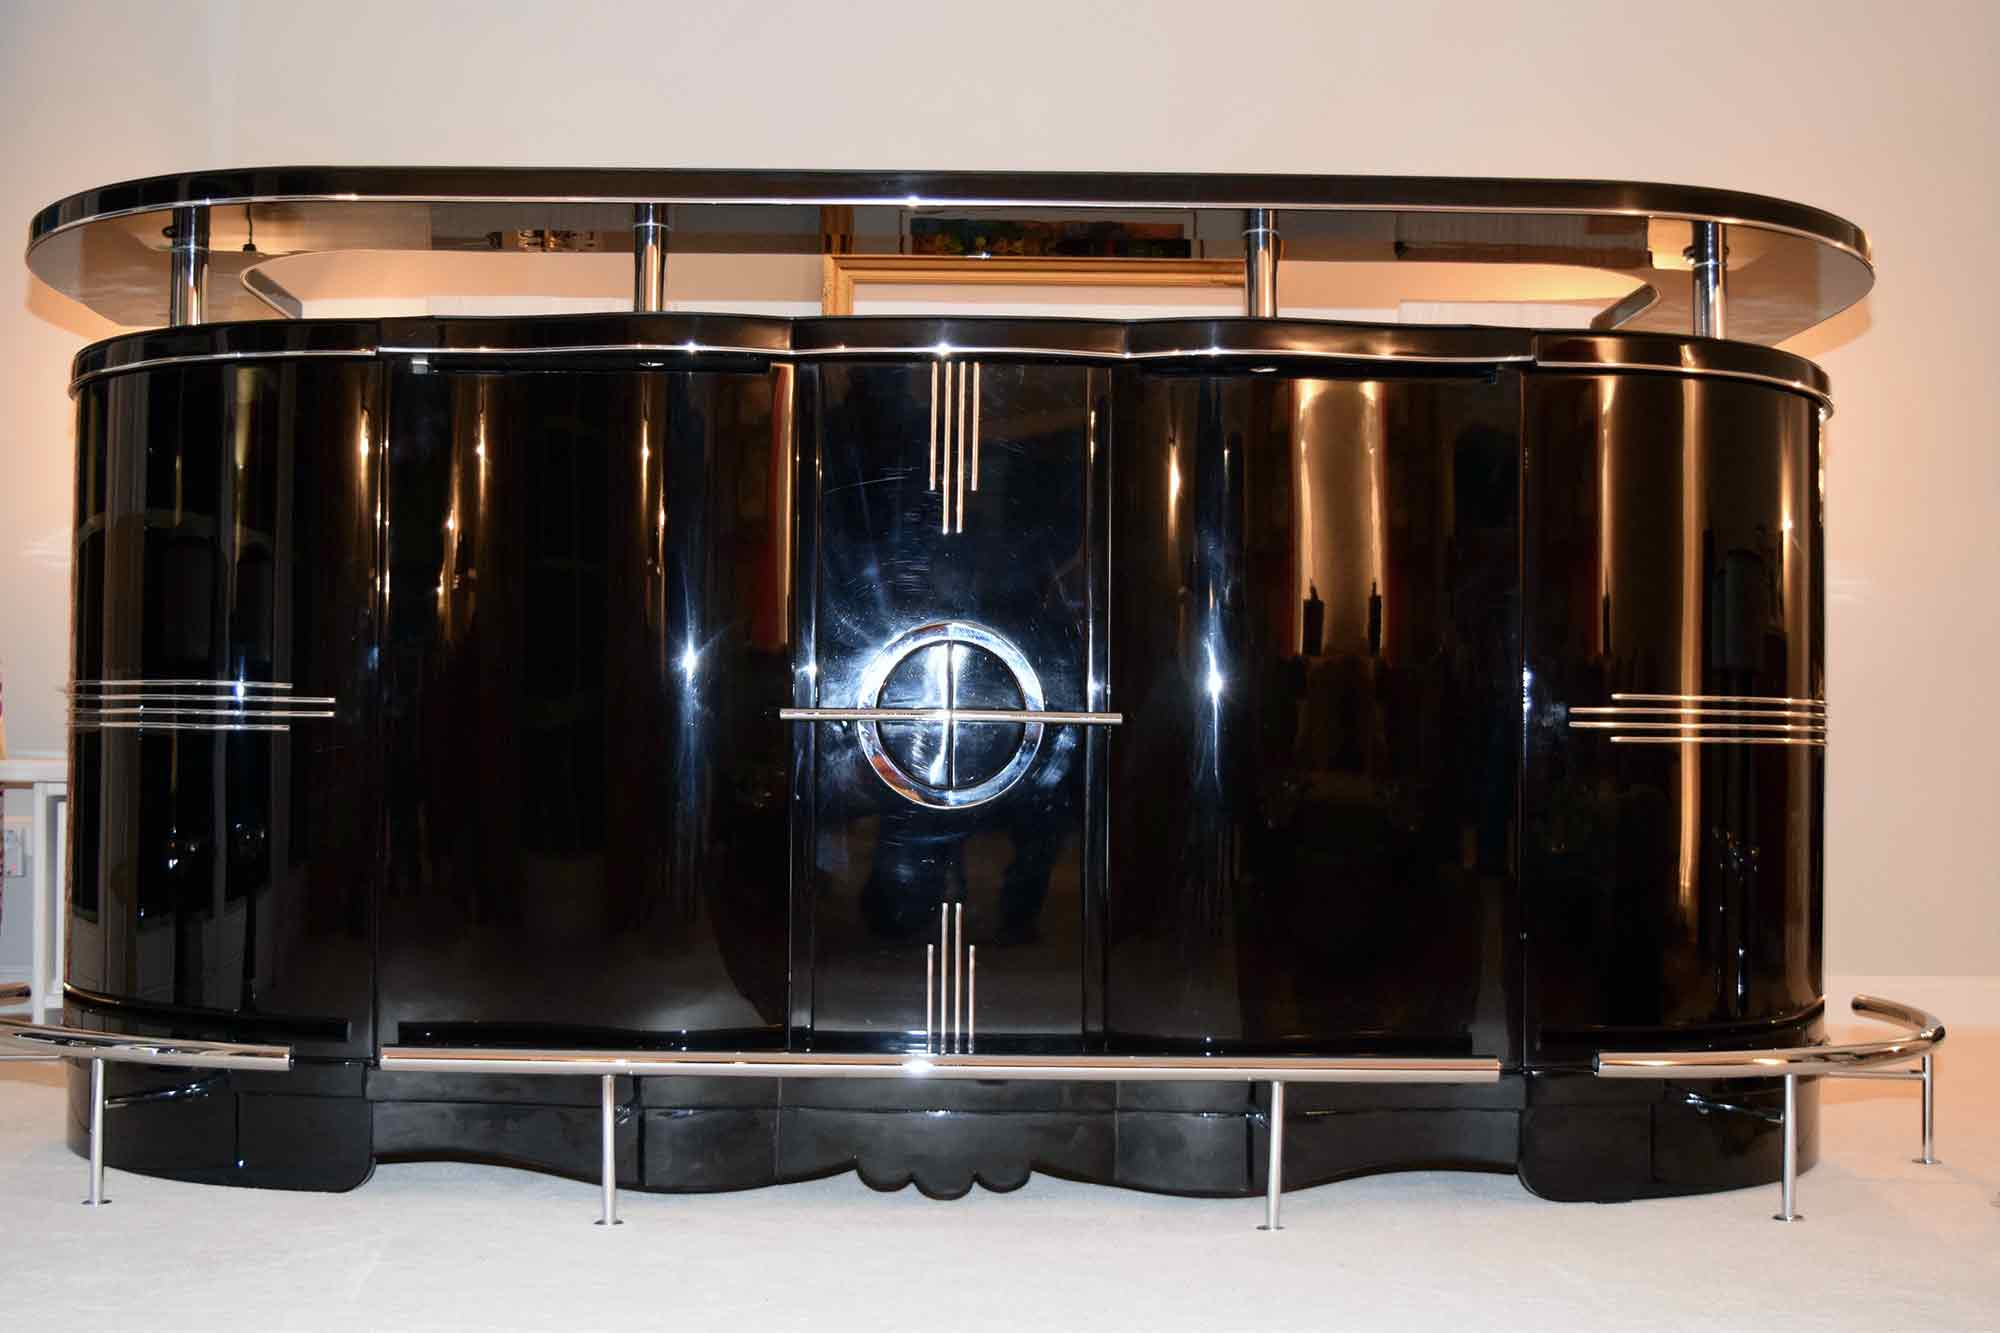 Full Size of Art Deco Bar 6 Hockern Klavierlack B250xh125xt75 Cyk Küche Kaufen Tipps Esstisch Ausziehbar Massiv Gebrauchte Betten 140x200 Bad Barrierefrei Sofa Online Rund Wohnzimmer Bar Kaufen